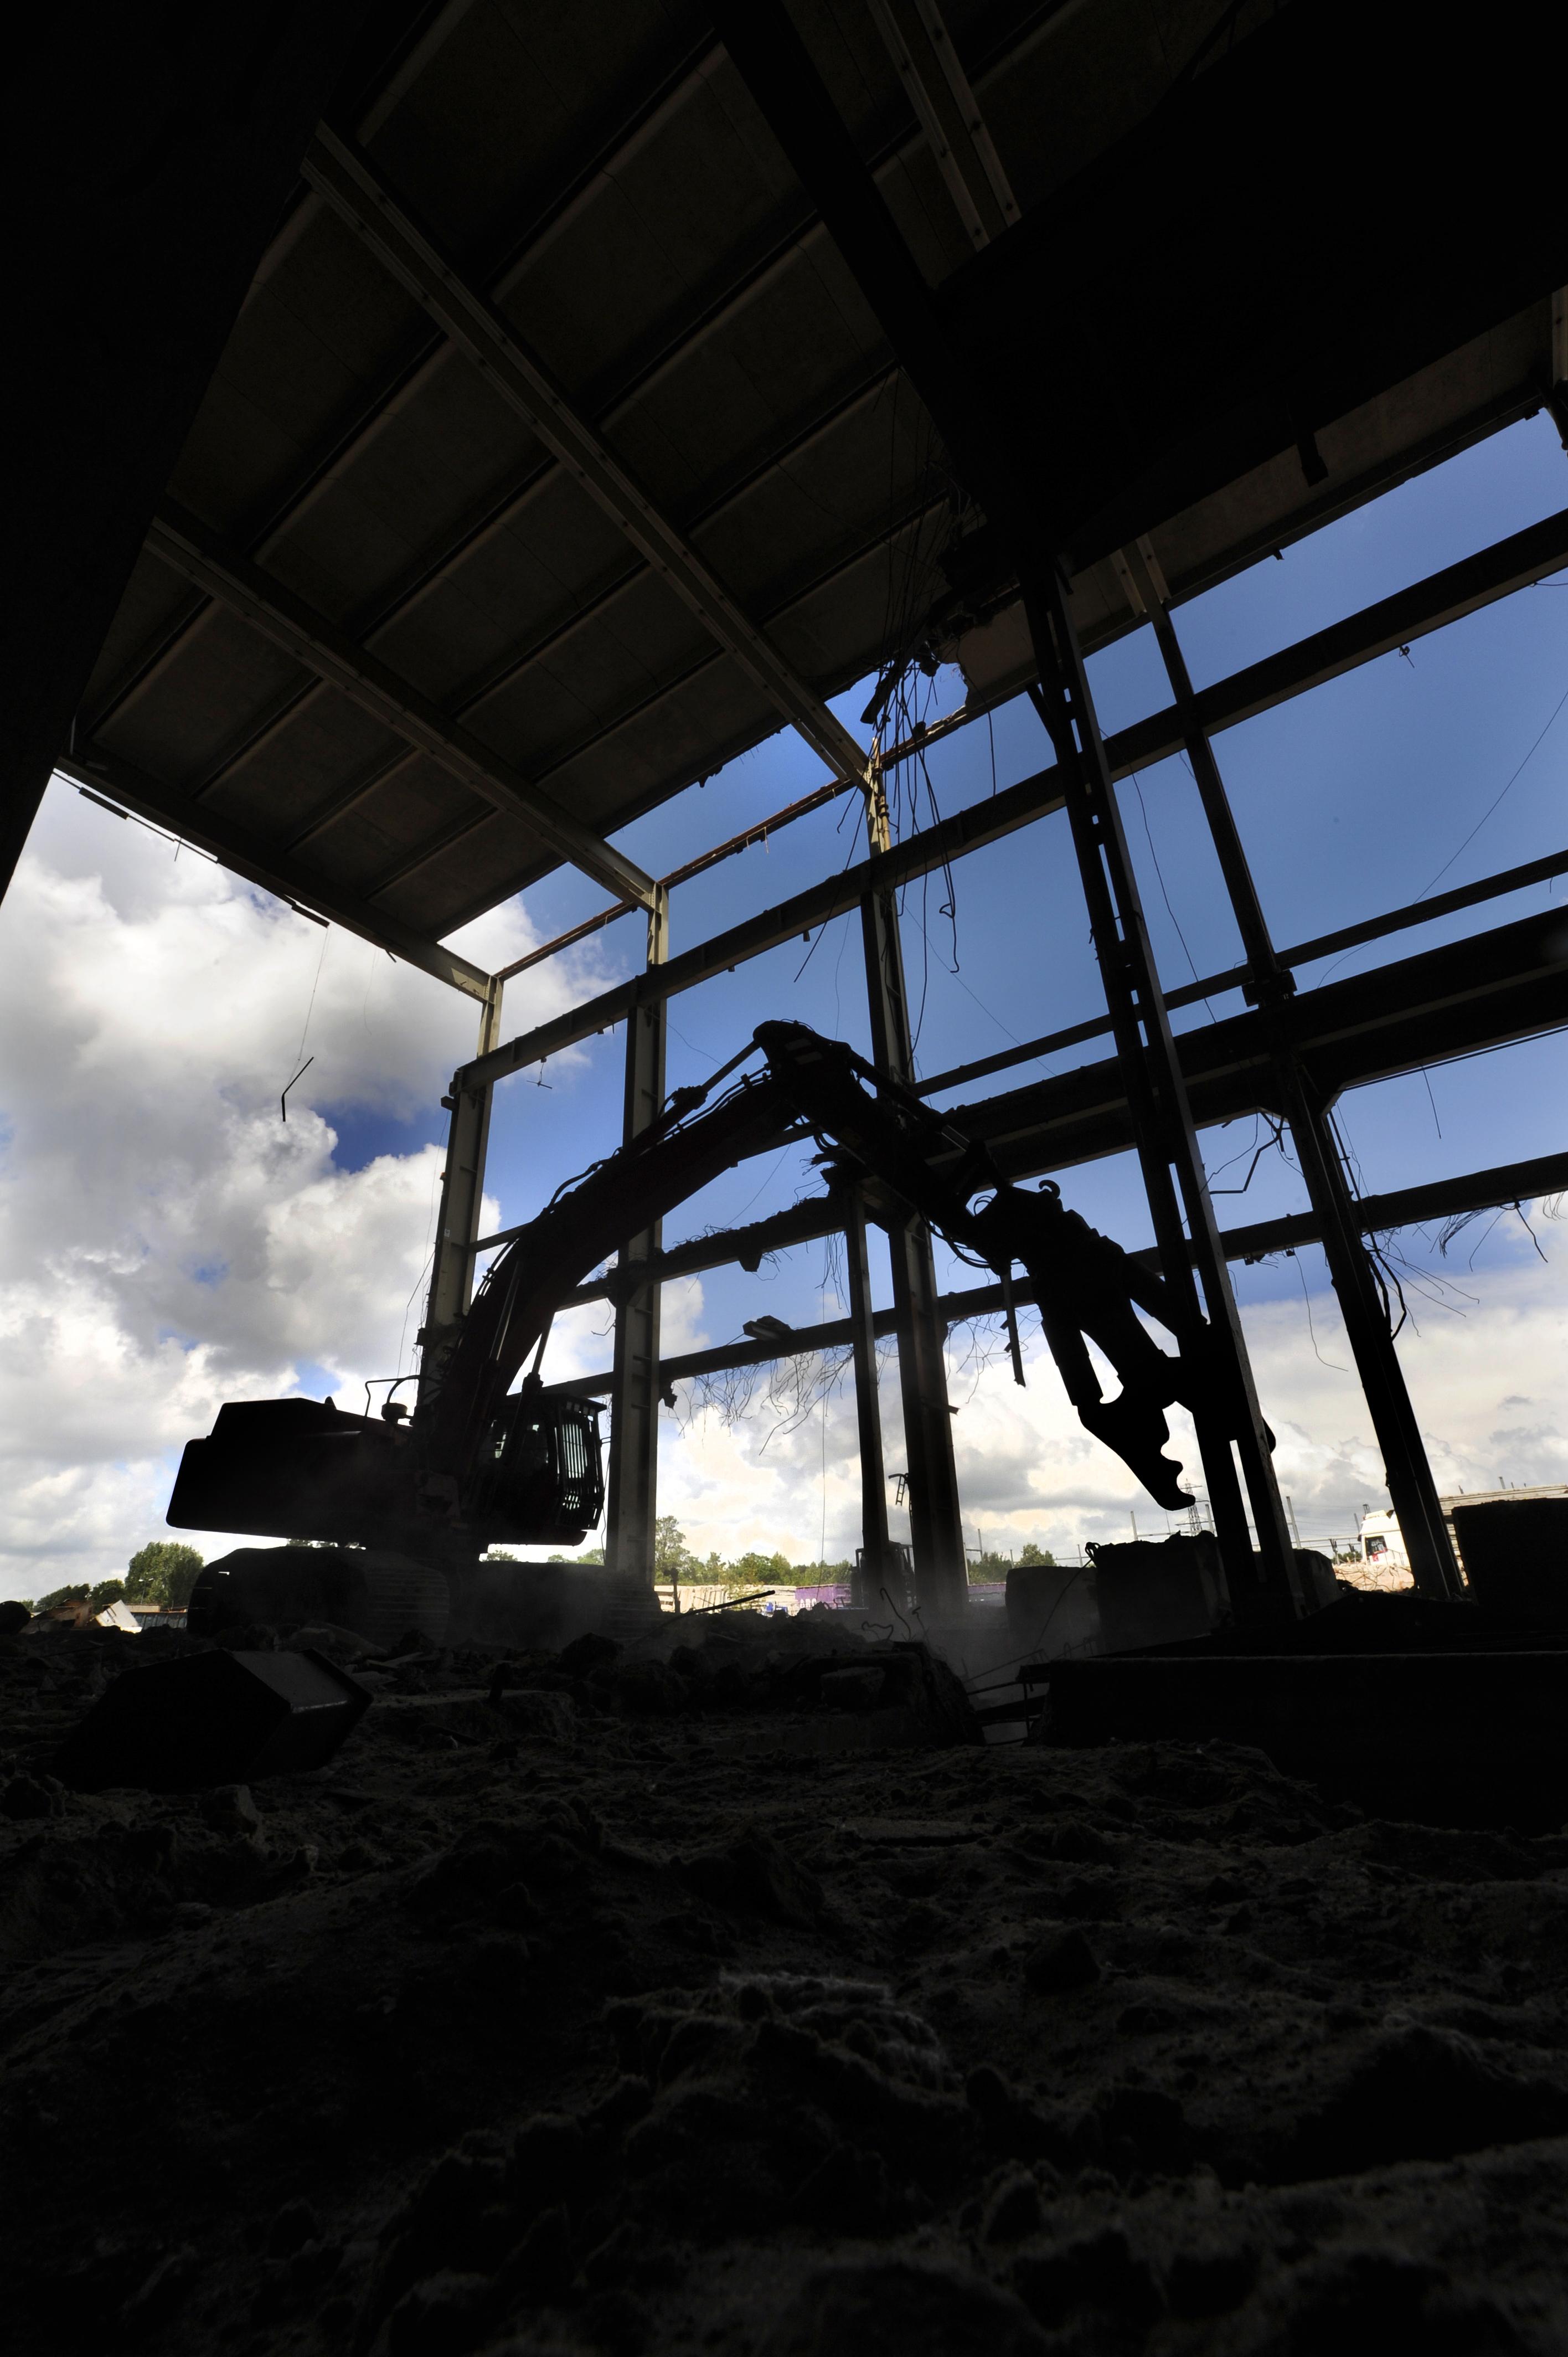 <p>De IJsselcentrale is oerdegelijk gebouwd. Met behulp van snijbranders maken de medewerkers van Koole korte metten met de zware staanders en liggers. Vervolgens mogen de 50-tons rupskranen zich op het staal stukbijten.</p>